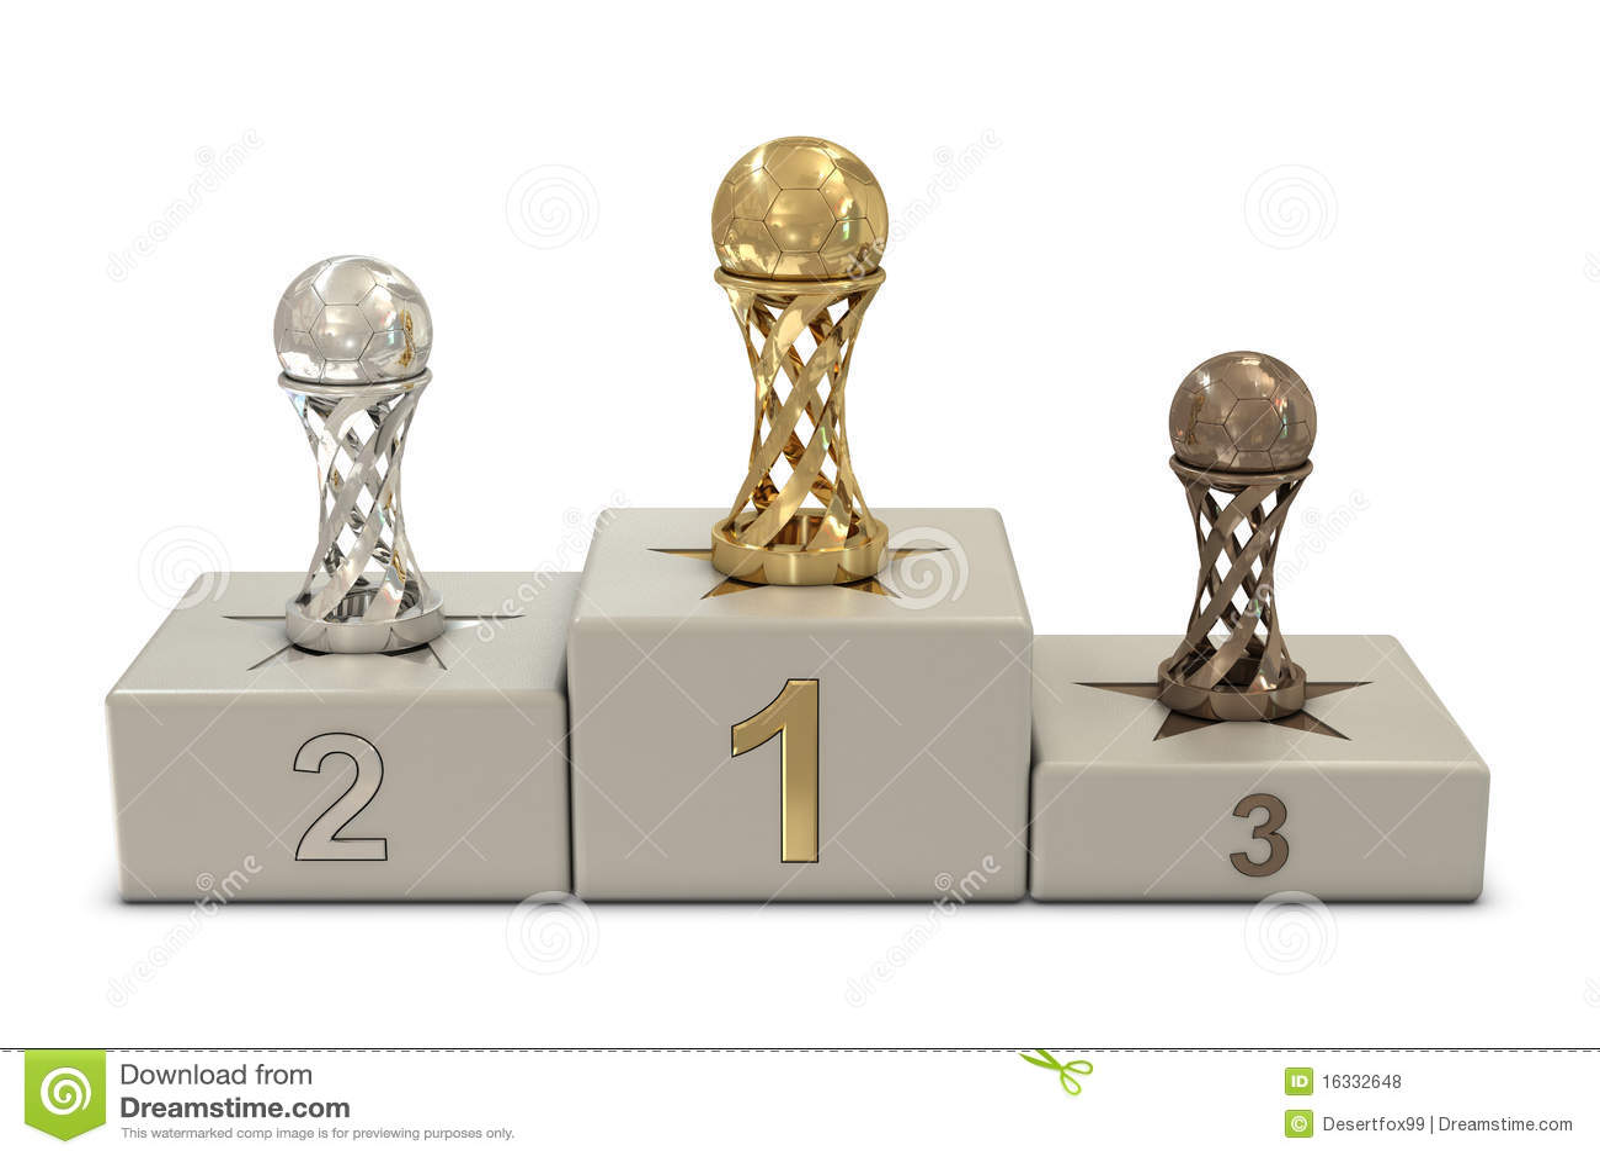 ... Pódio Do Futebol Fotos de Stock Royalty Free - Imagem: 16332648: pt.dreamstime.com/fotos-de-stock-royalty-free-troféus-e-pódio-do...